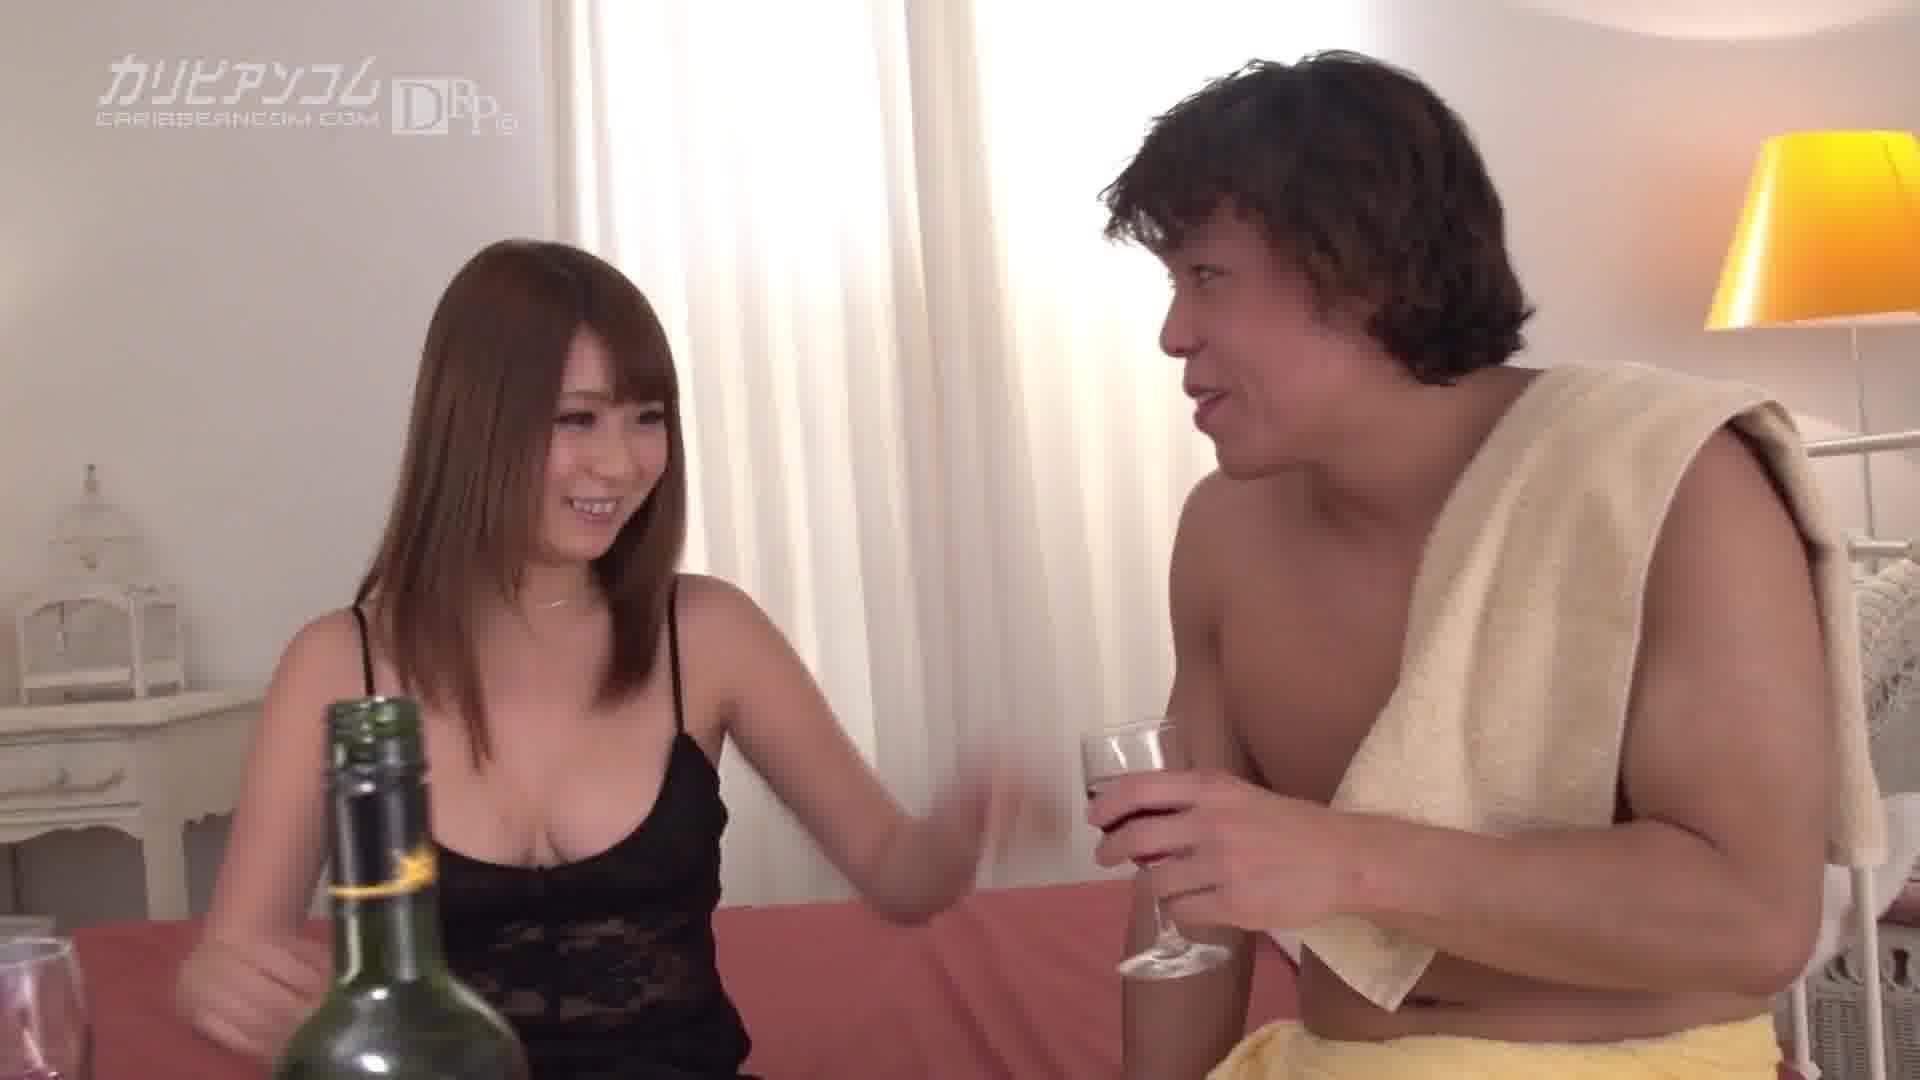 禁欲明けの燃えあがる激情 - 北川瞳【痴女・巨乳・ぶっかけ】